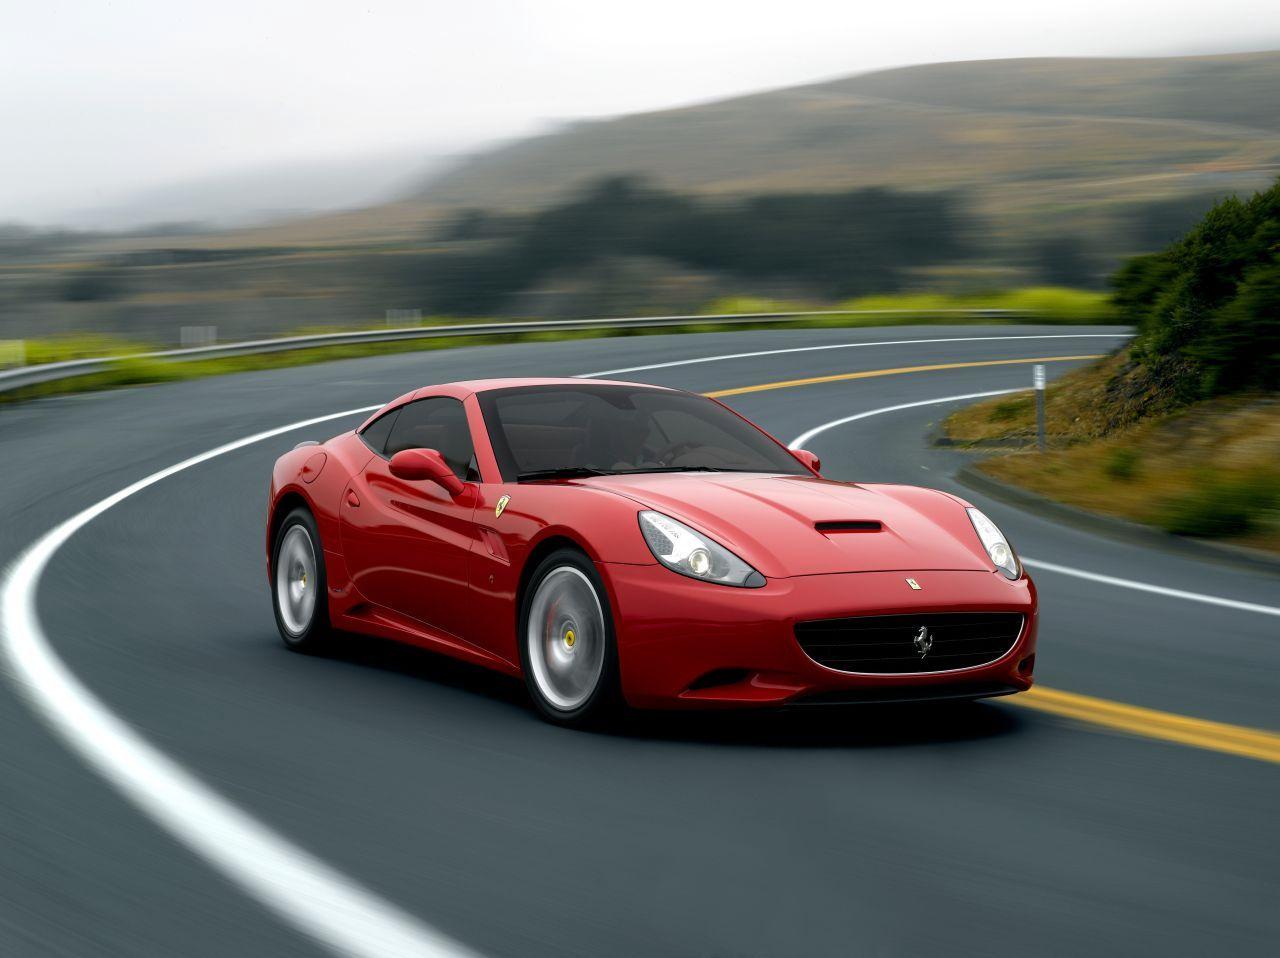 2018 Toyota Supra Price In Jackson - 2009 Ferrari California - Pictures - CarGurus